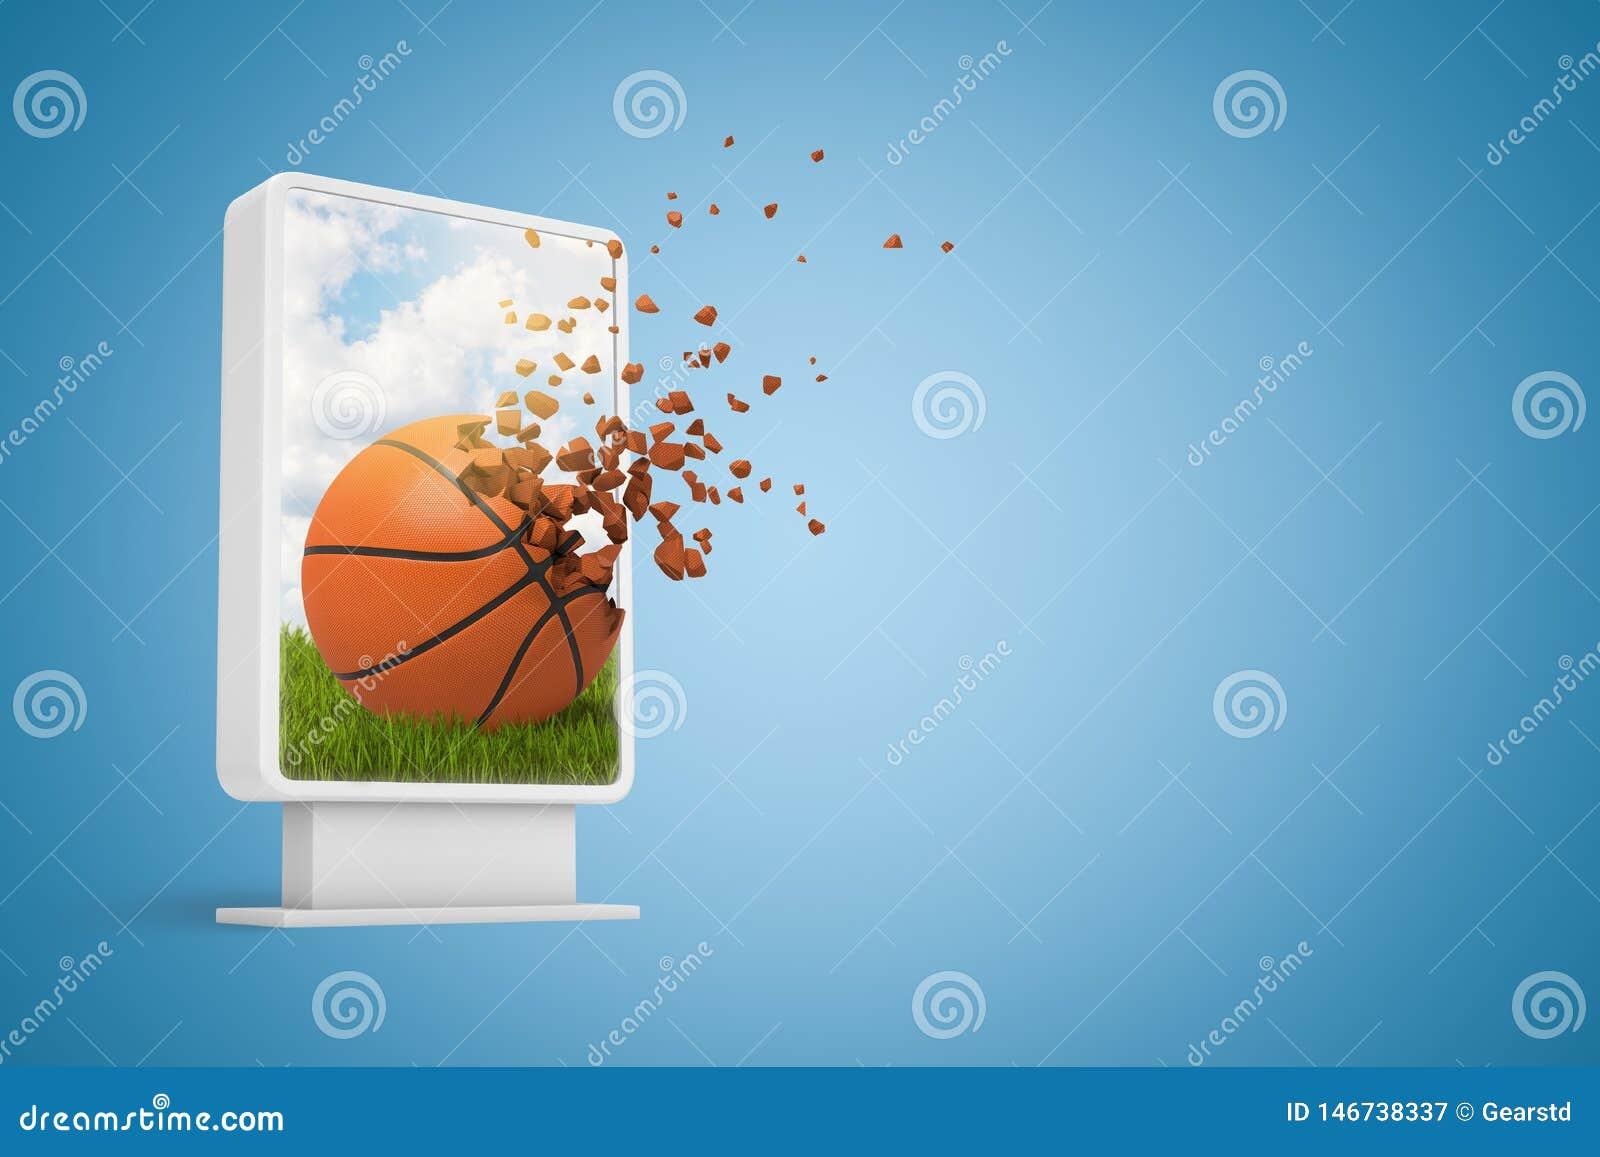 Rendu 3d d affichage d informations numériques montrant le basket-ball commençant à se dissoudre dans les particules sur le bleu